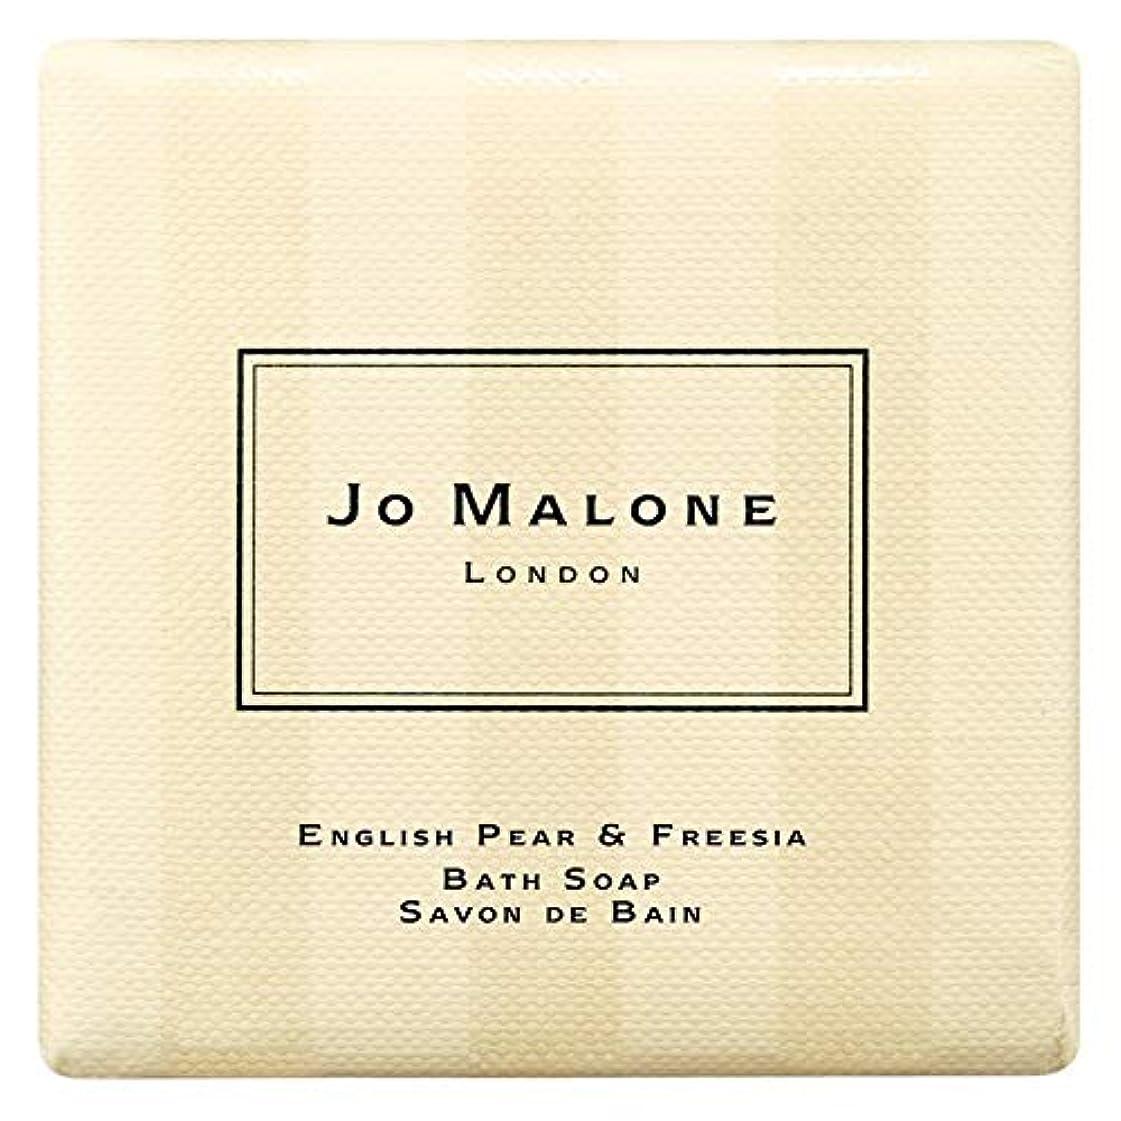 に対応パドル波[Jo Malone] ジョーマローンロンドン英語梨&フリージア入浴石鹸100グラム - Jo Malone London English Pear & Freesia Bath Soap 100g [並行輸入品]